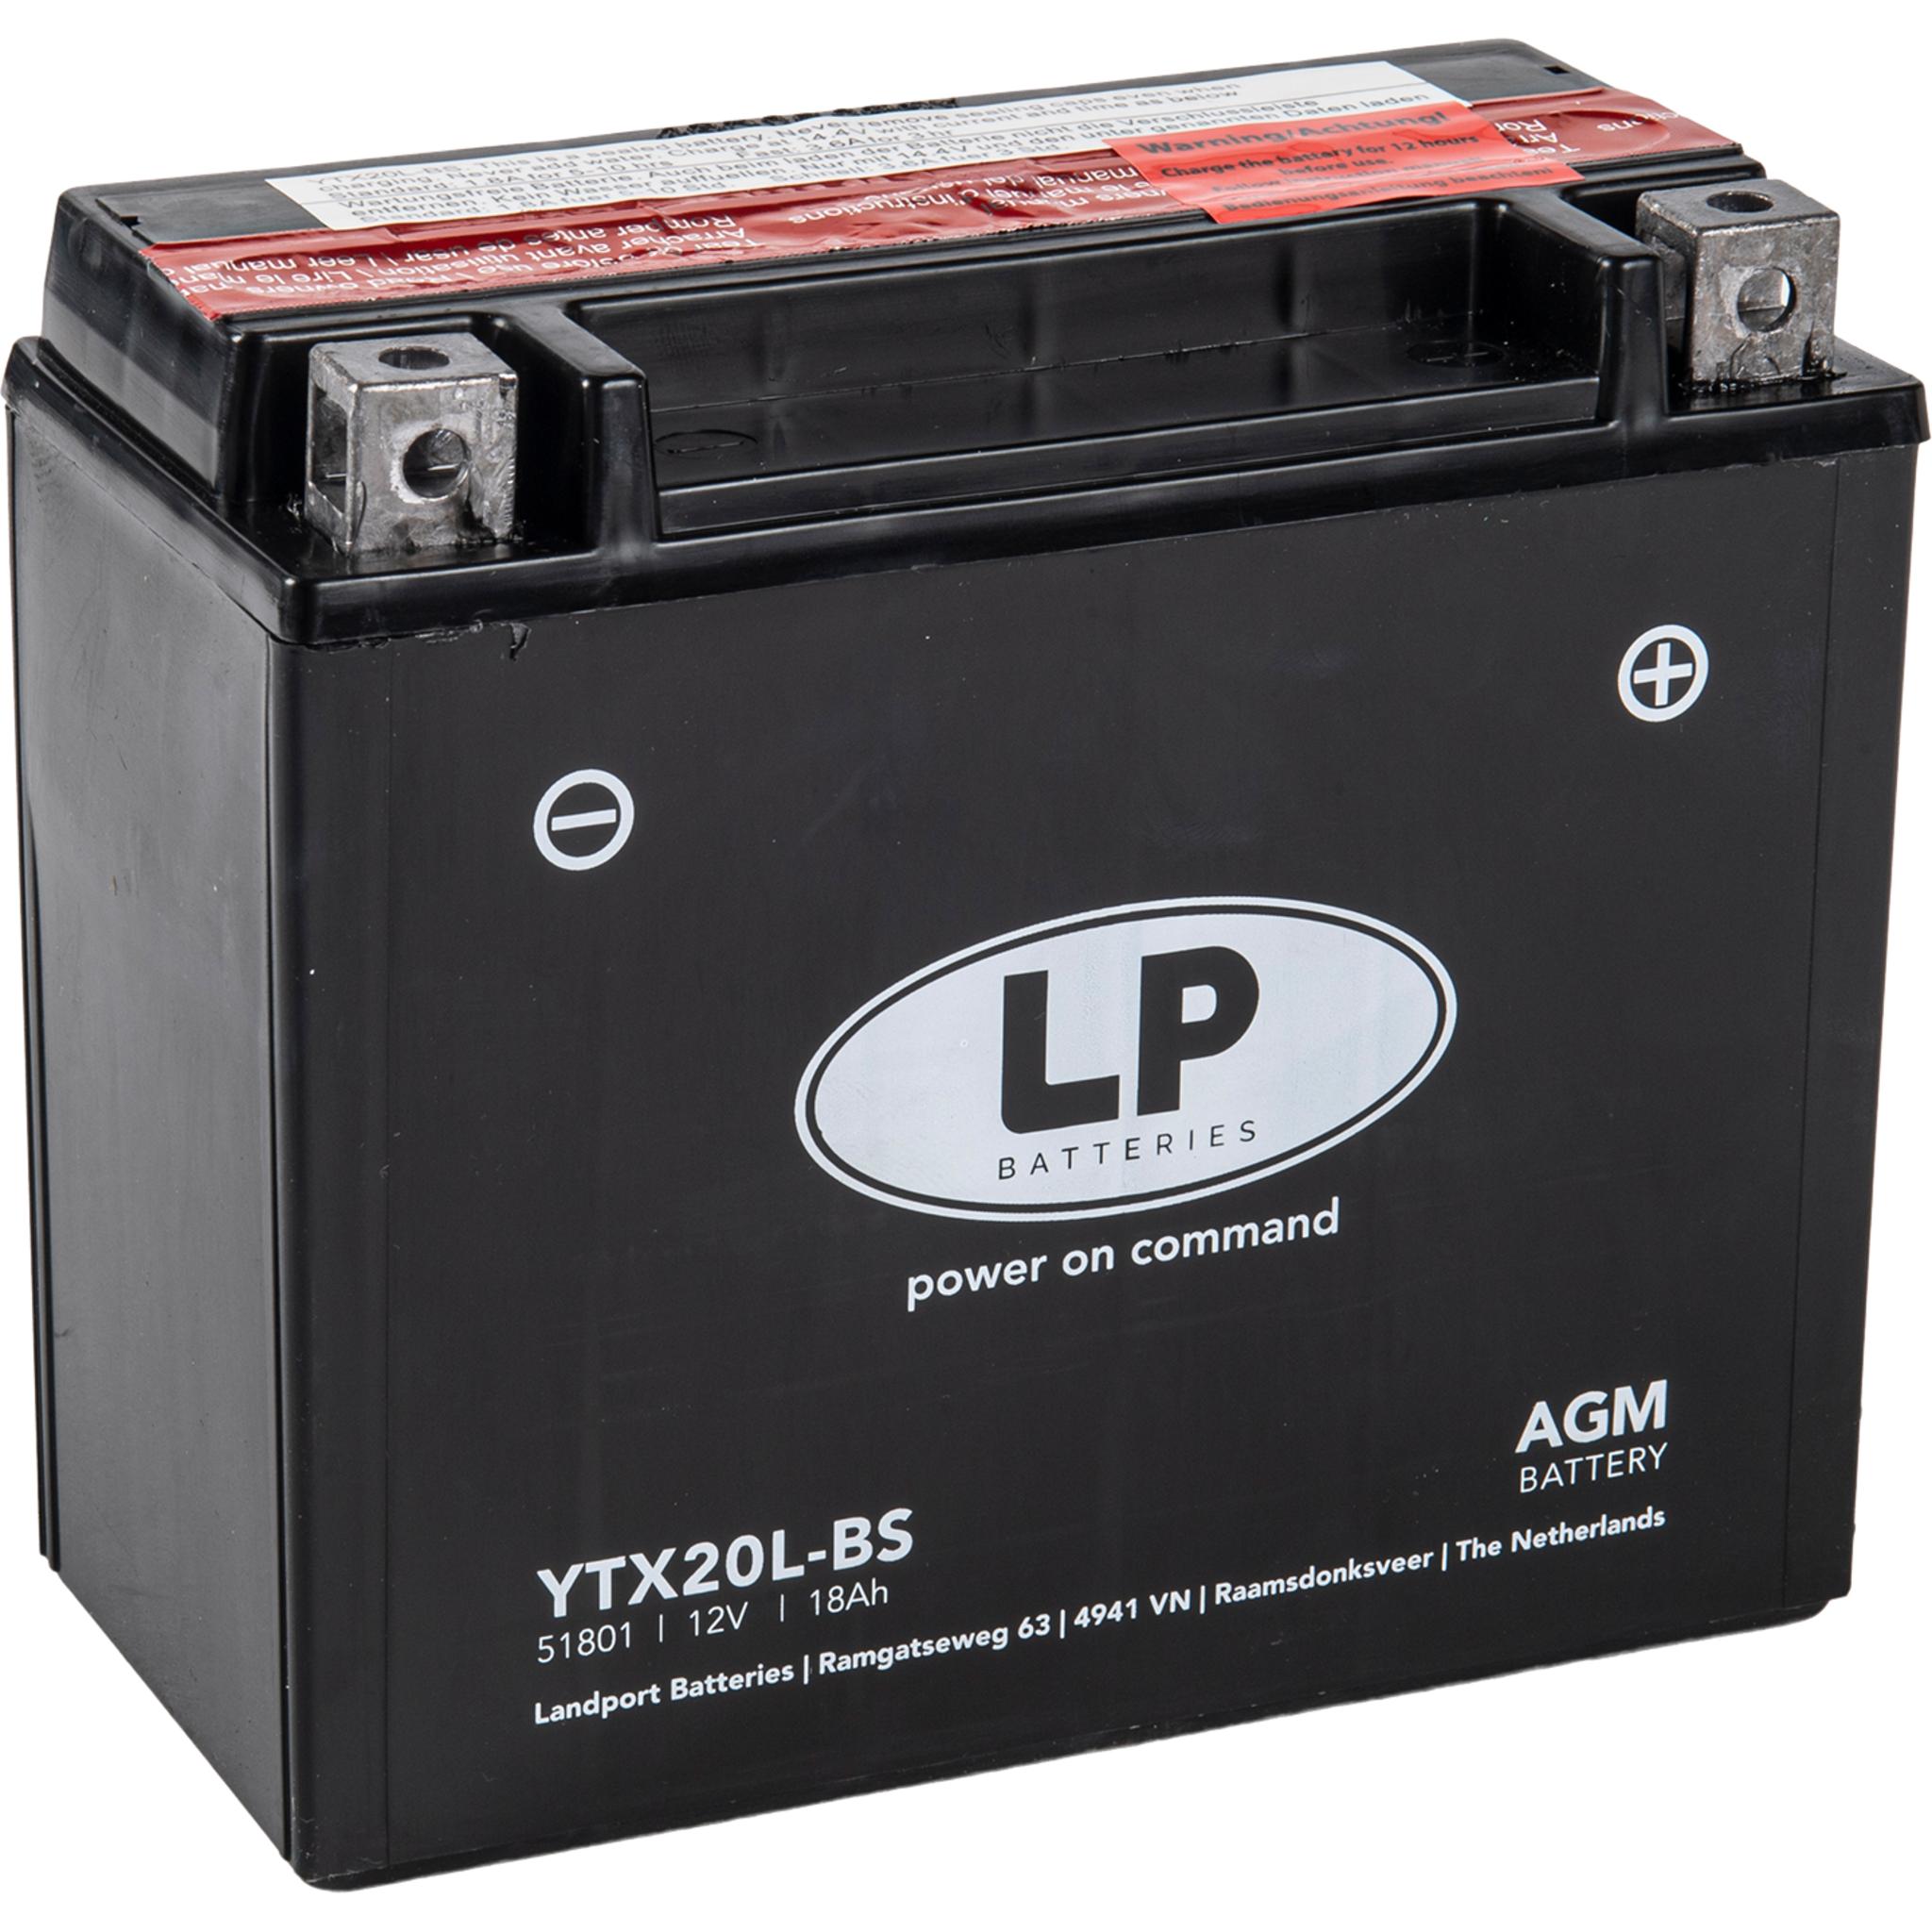 Аккумулятор Landport YTX20L-BS, 12V, AGM